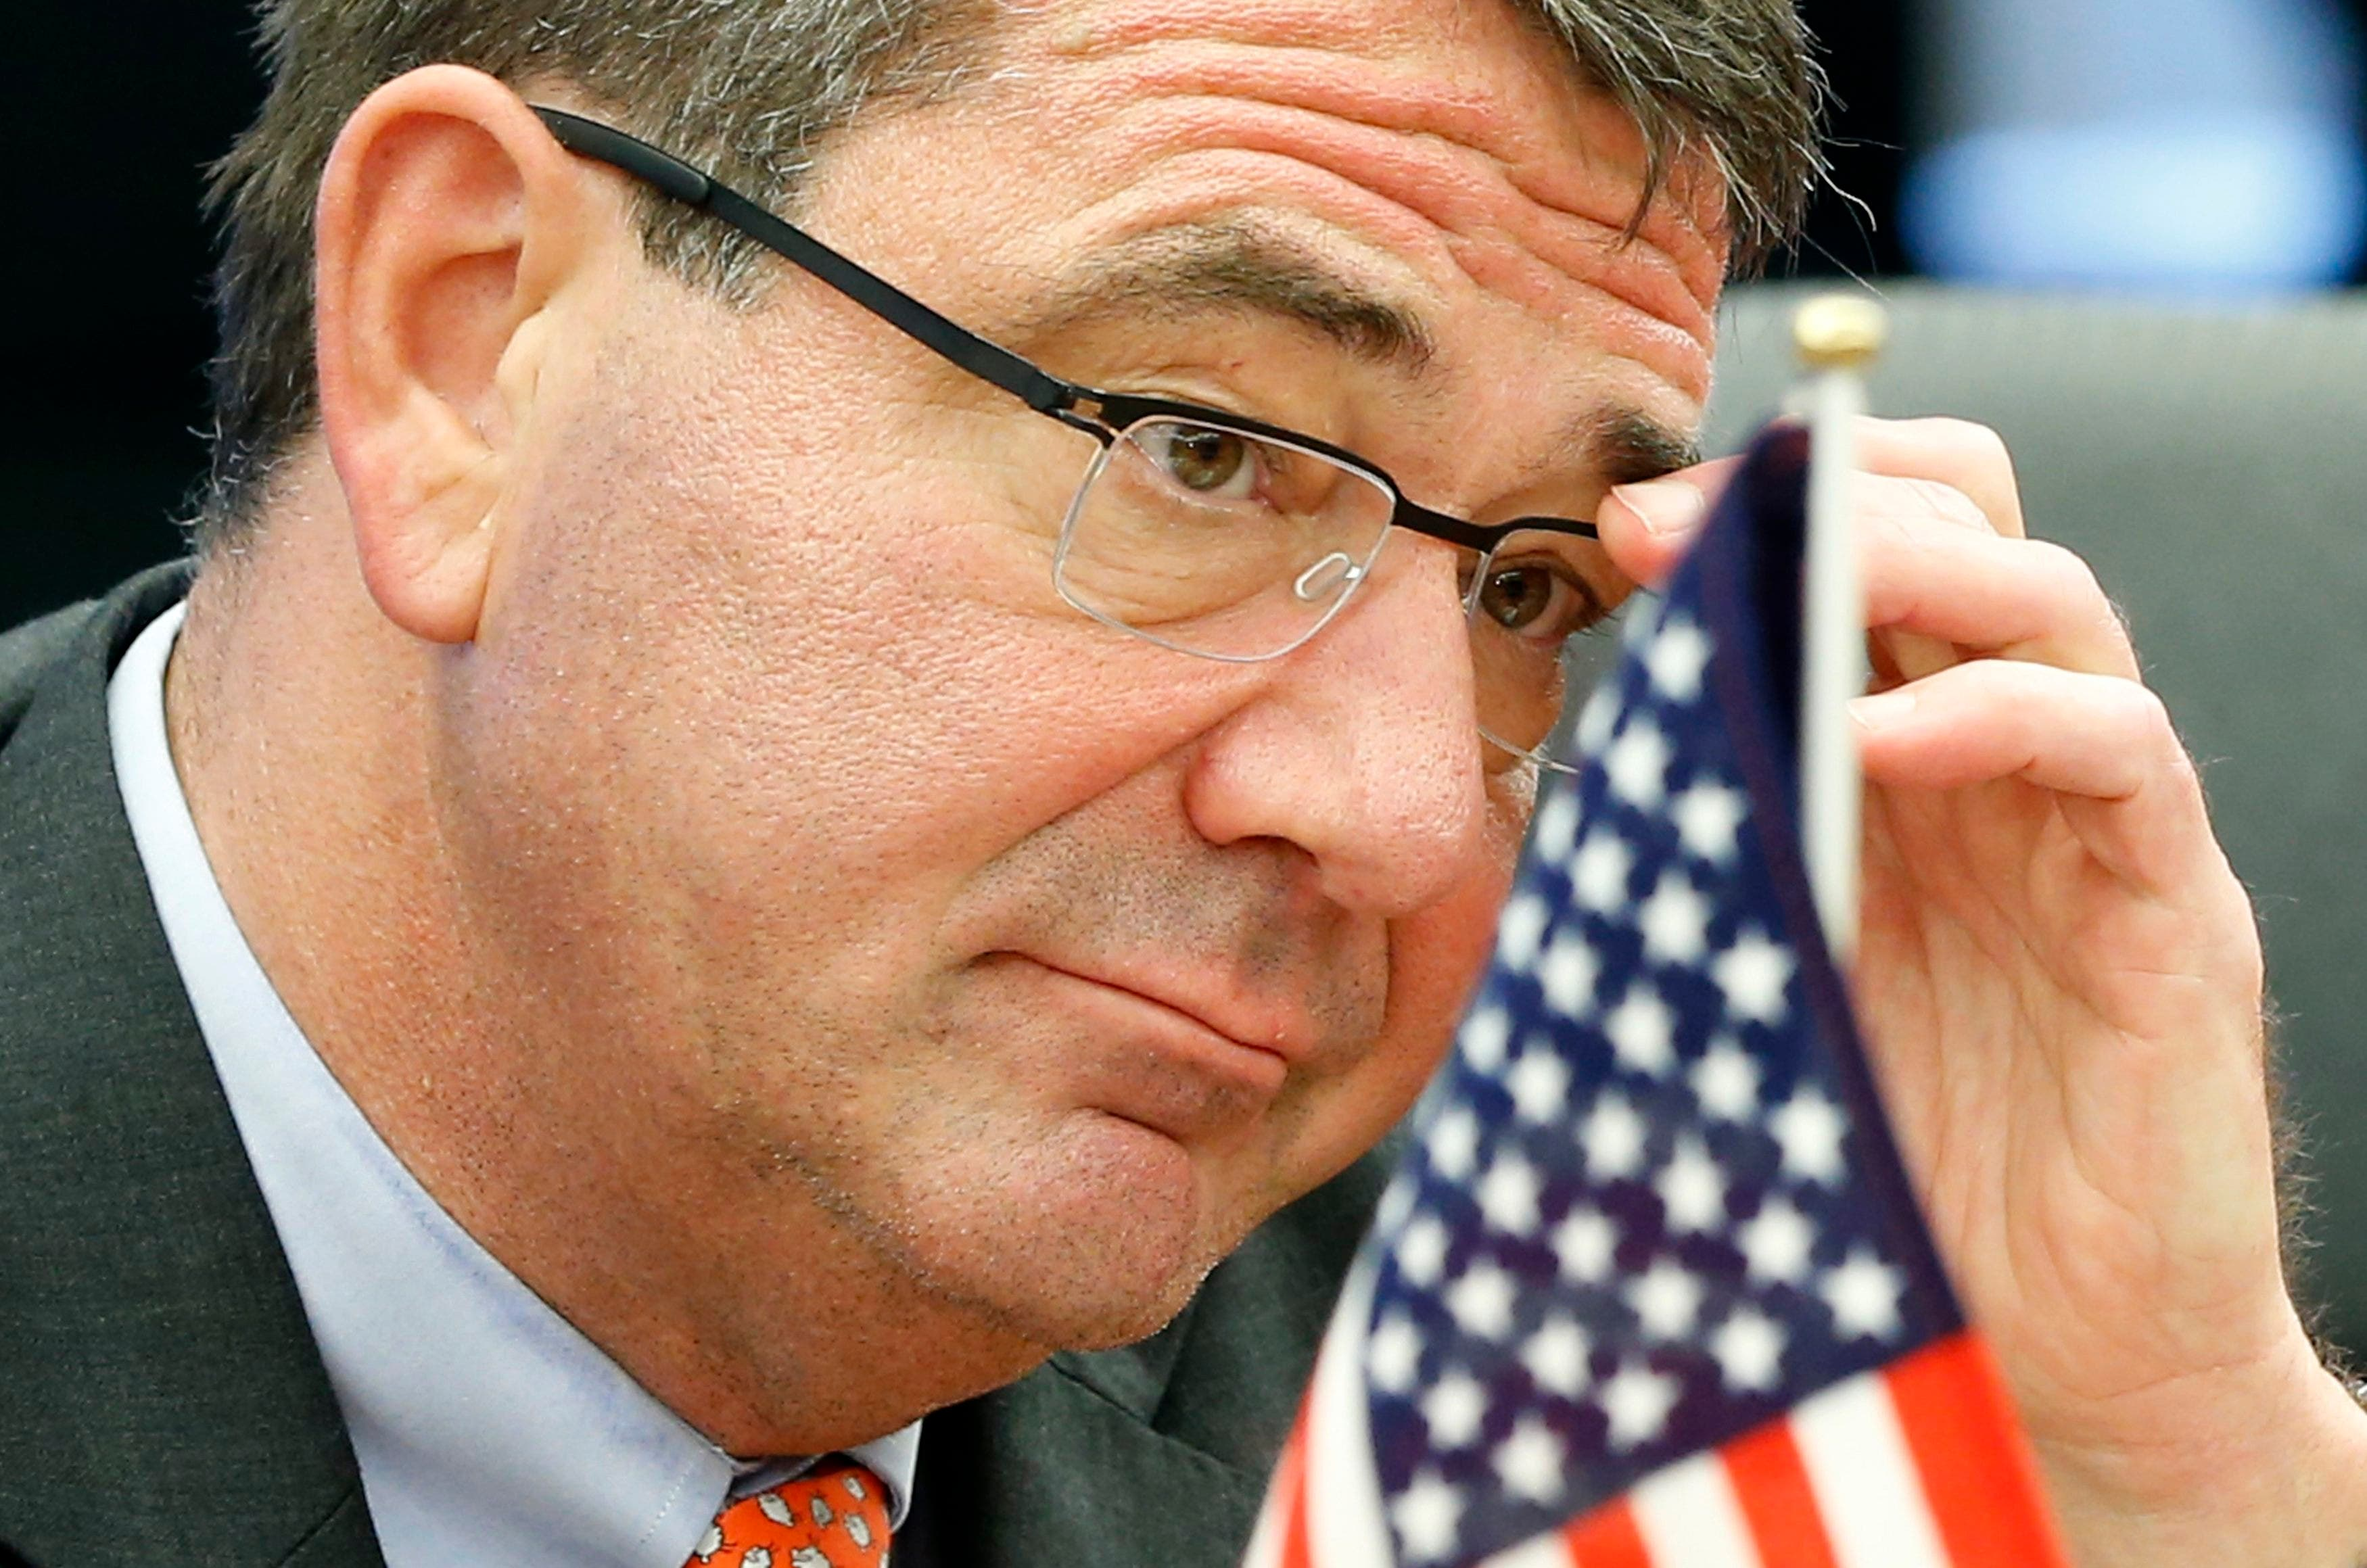 وزير الدفاع الأميركي السابق آشتون كارتر